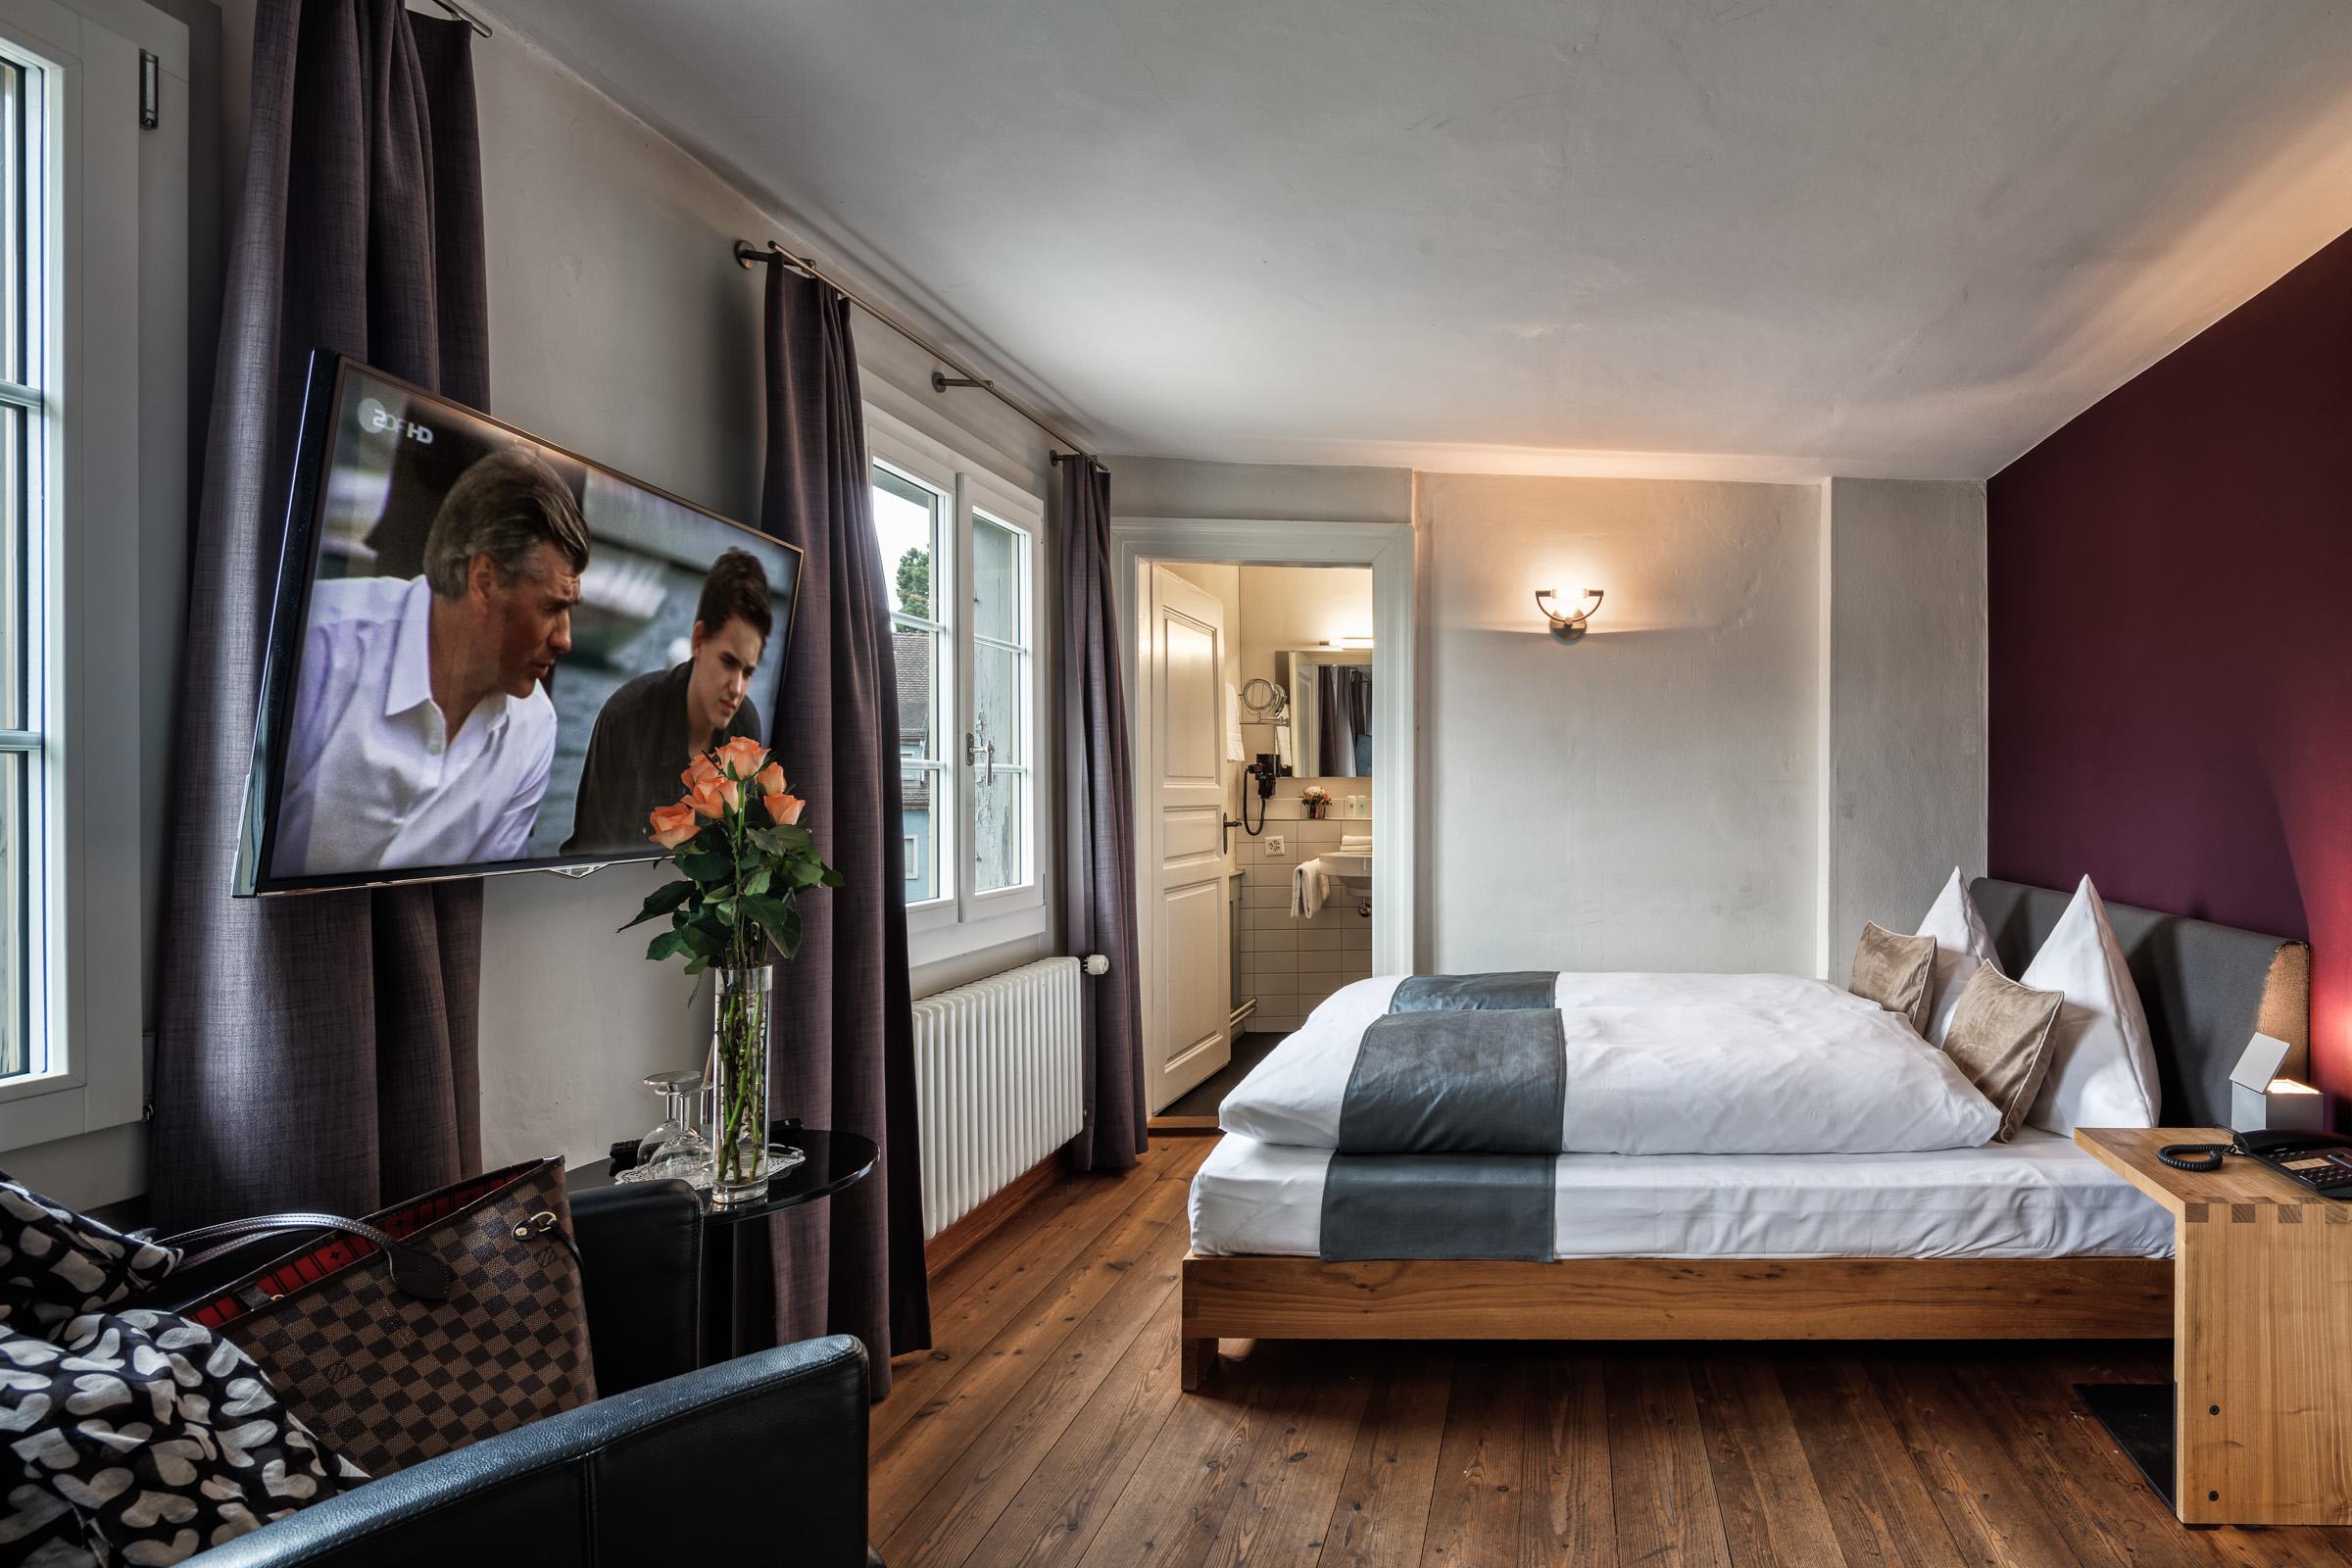 19-127 - Hotel Le Lion Bischofszell - Hotelfotografie--4.jpg